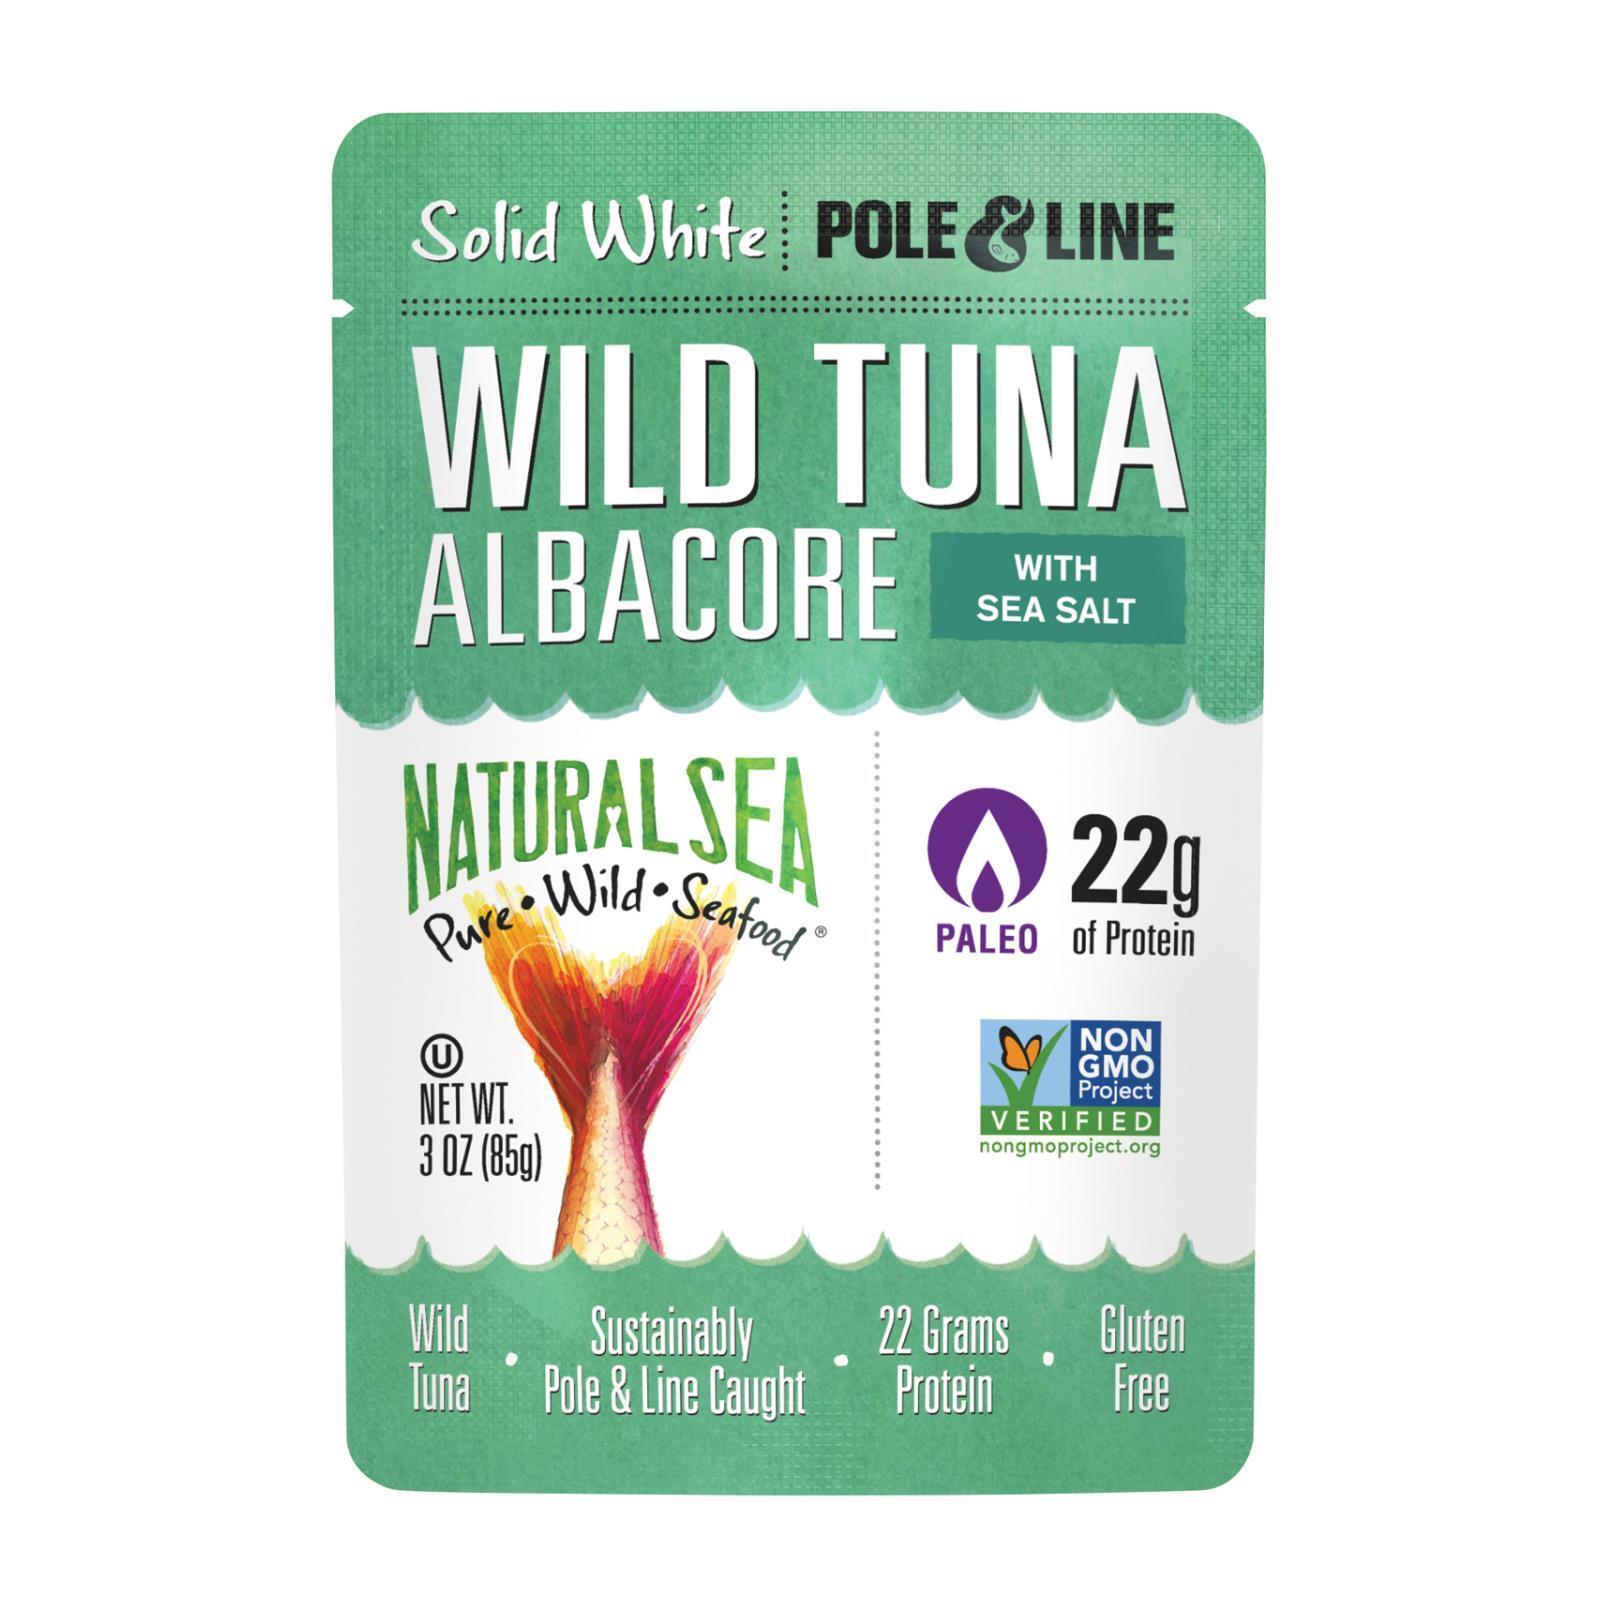 Natural Sea Wild Albacore Tuna Pouch - With Sea Salt - Case of 12 - 3 oz.